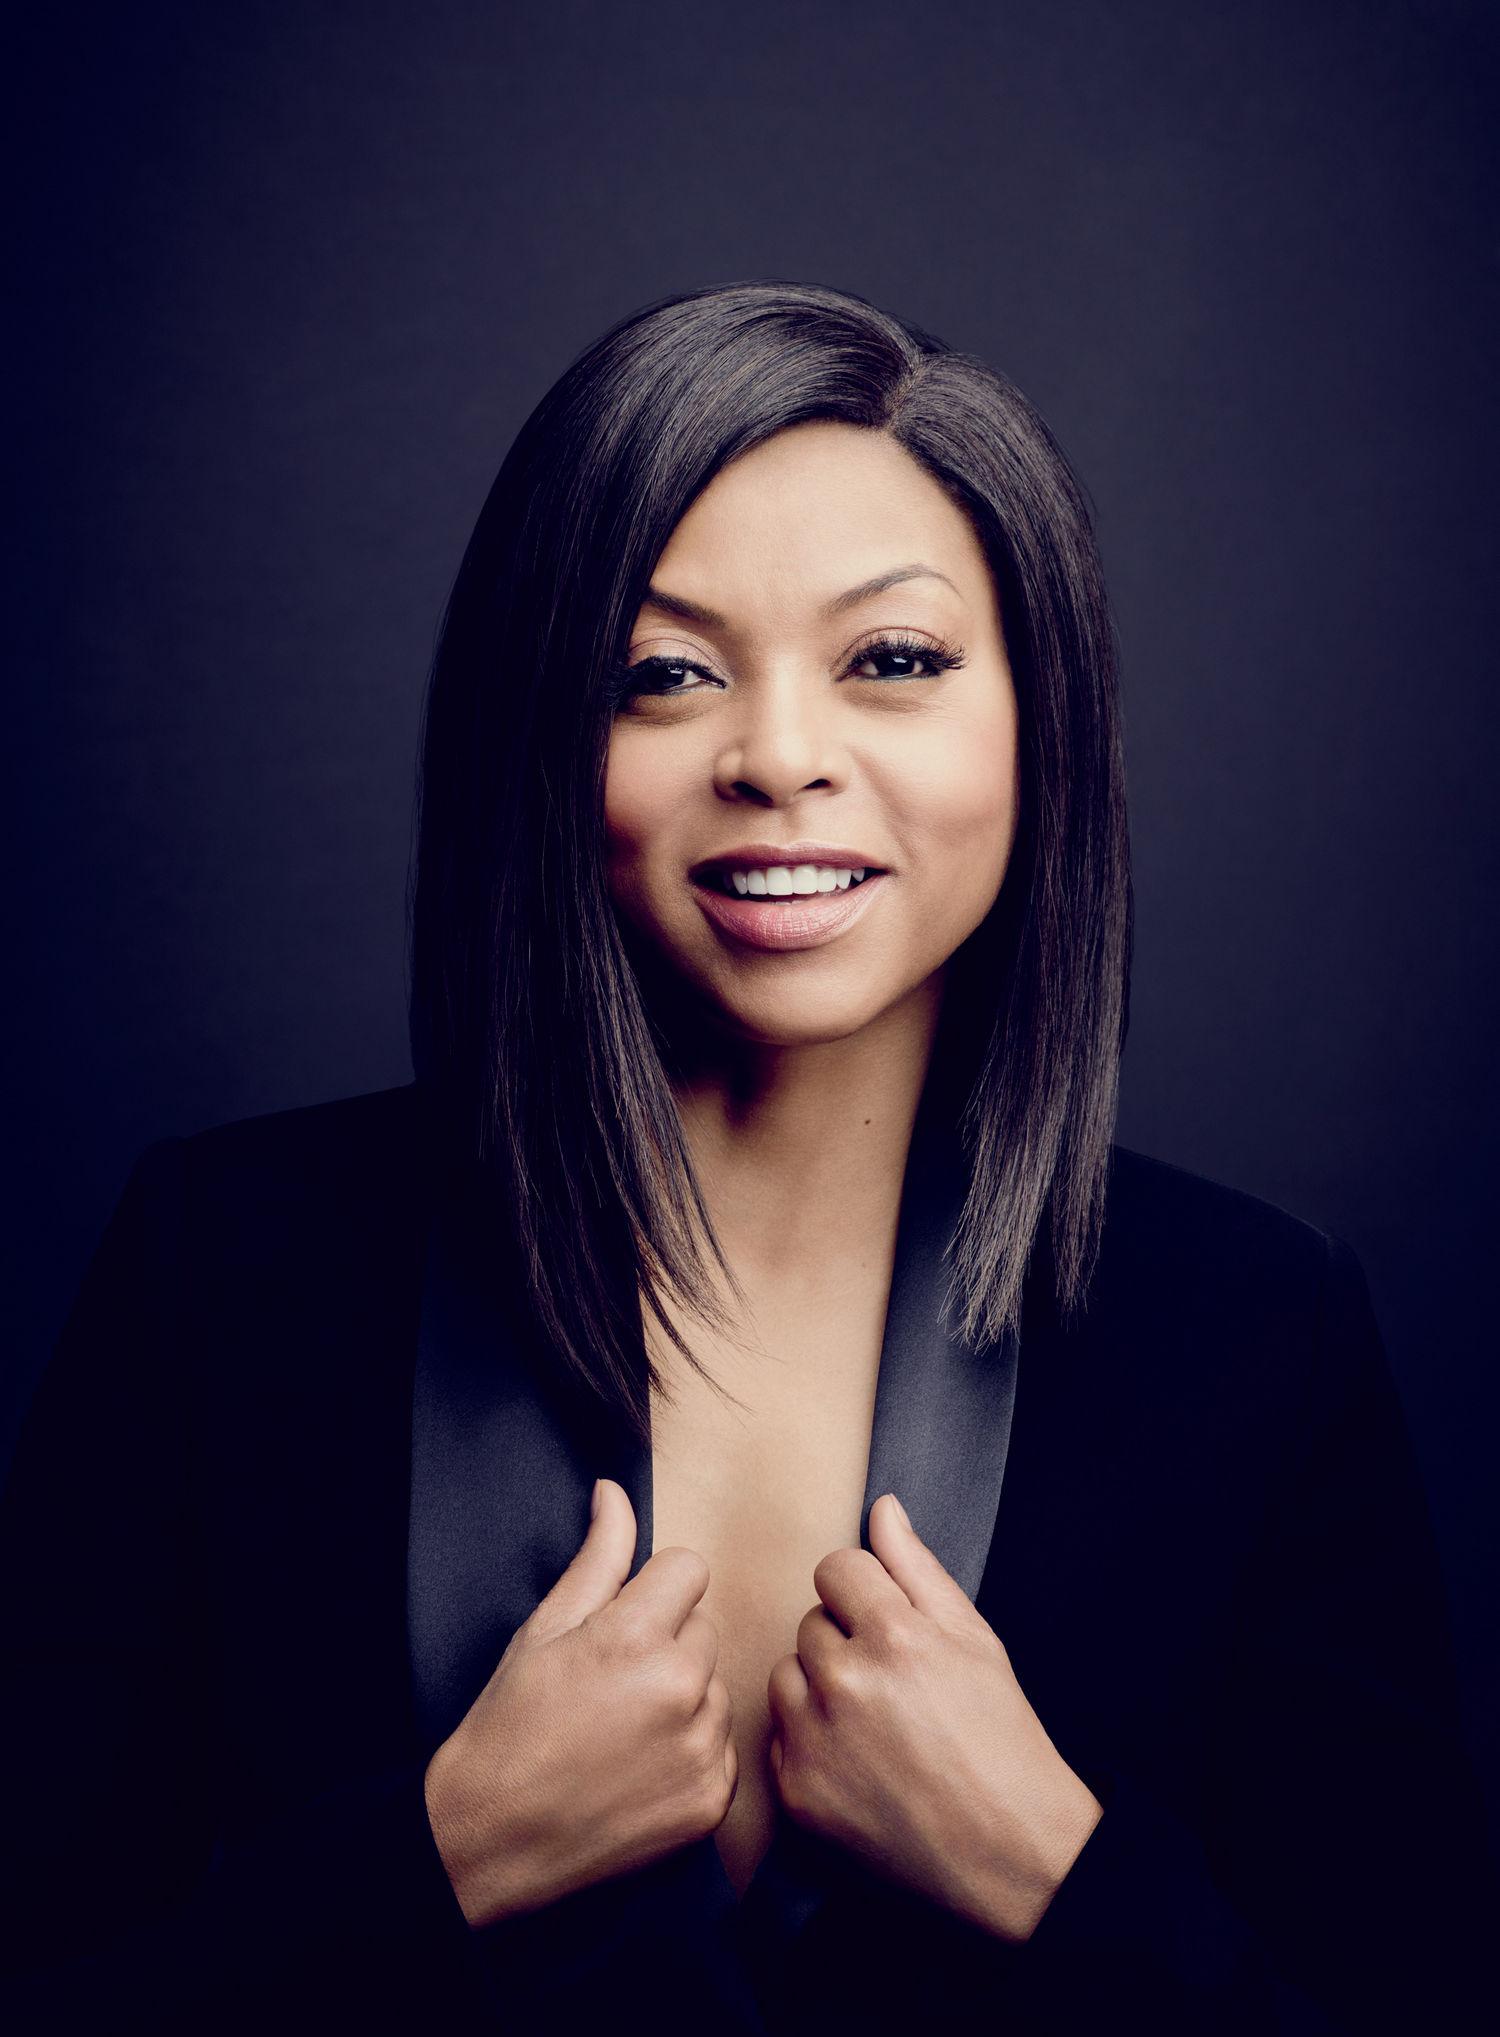 Black Actresses Instagram